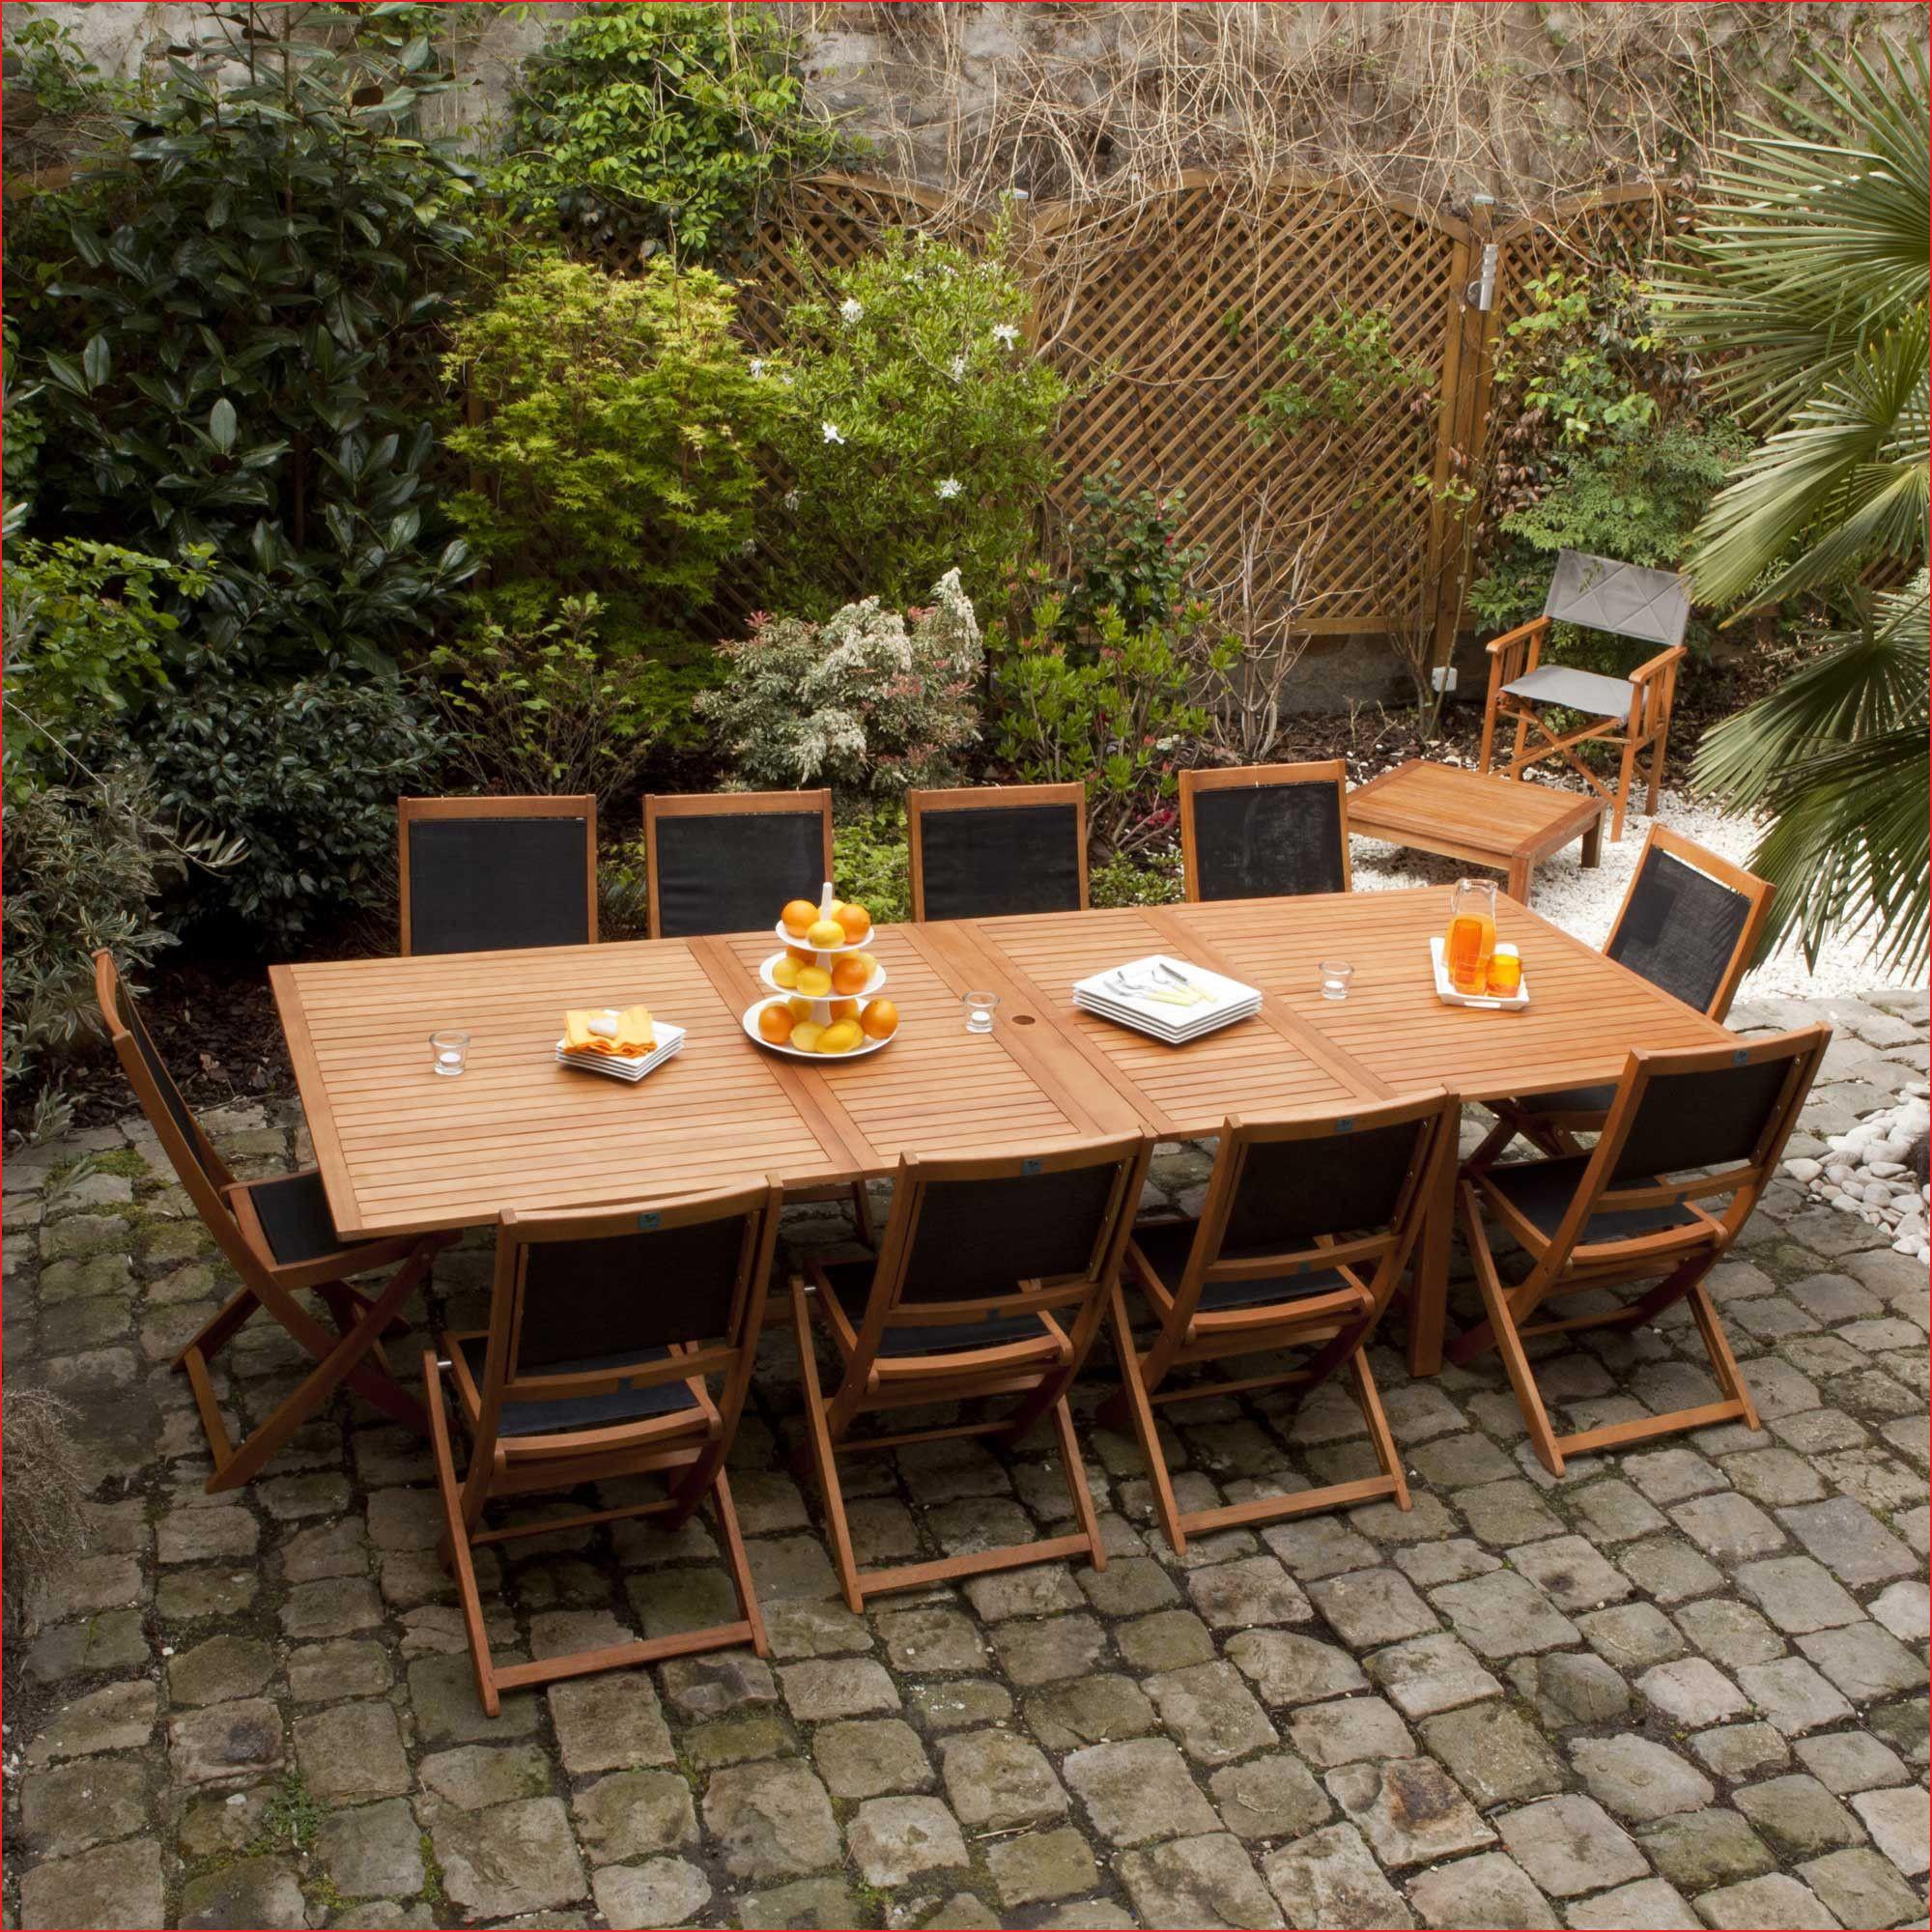 Salon De Jardin En Bois Exotique Unique Jardin Archives Francesginsberg Of 25 Unique Salon De Jardin En Bois Exotique